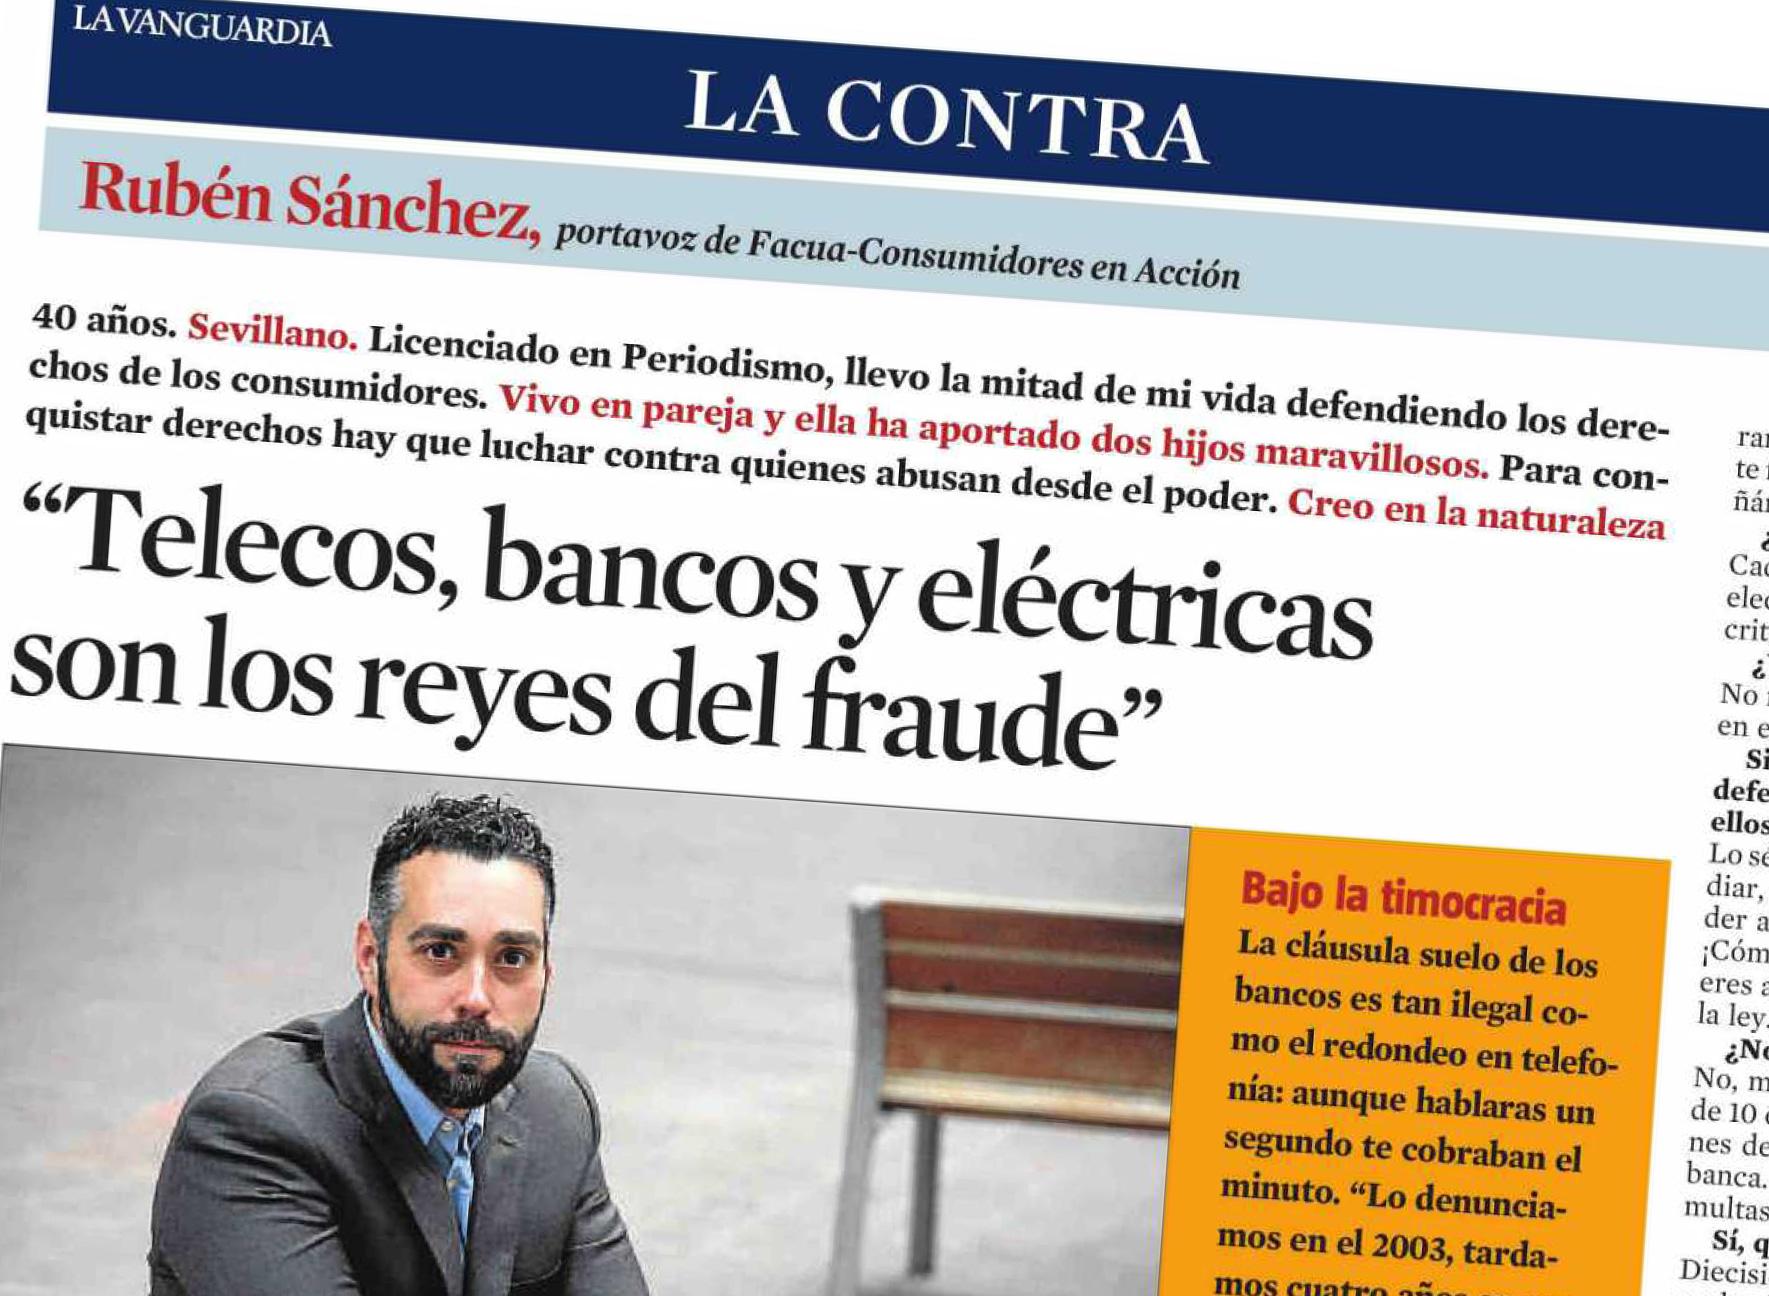 Entrevista sobre DEFIÉNDETE de #101fraudes en La Contra de La Vanguardia